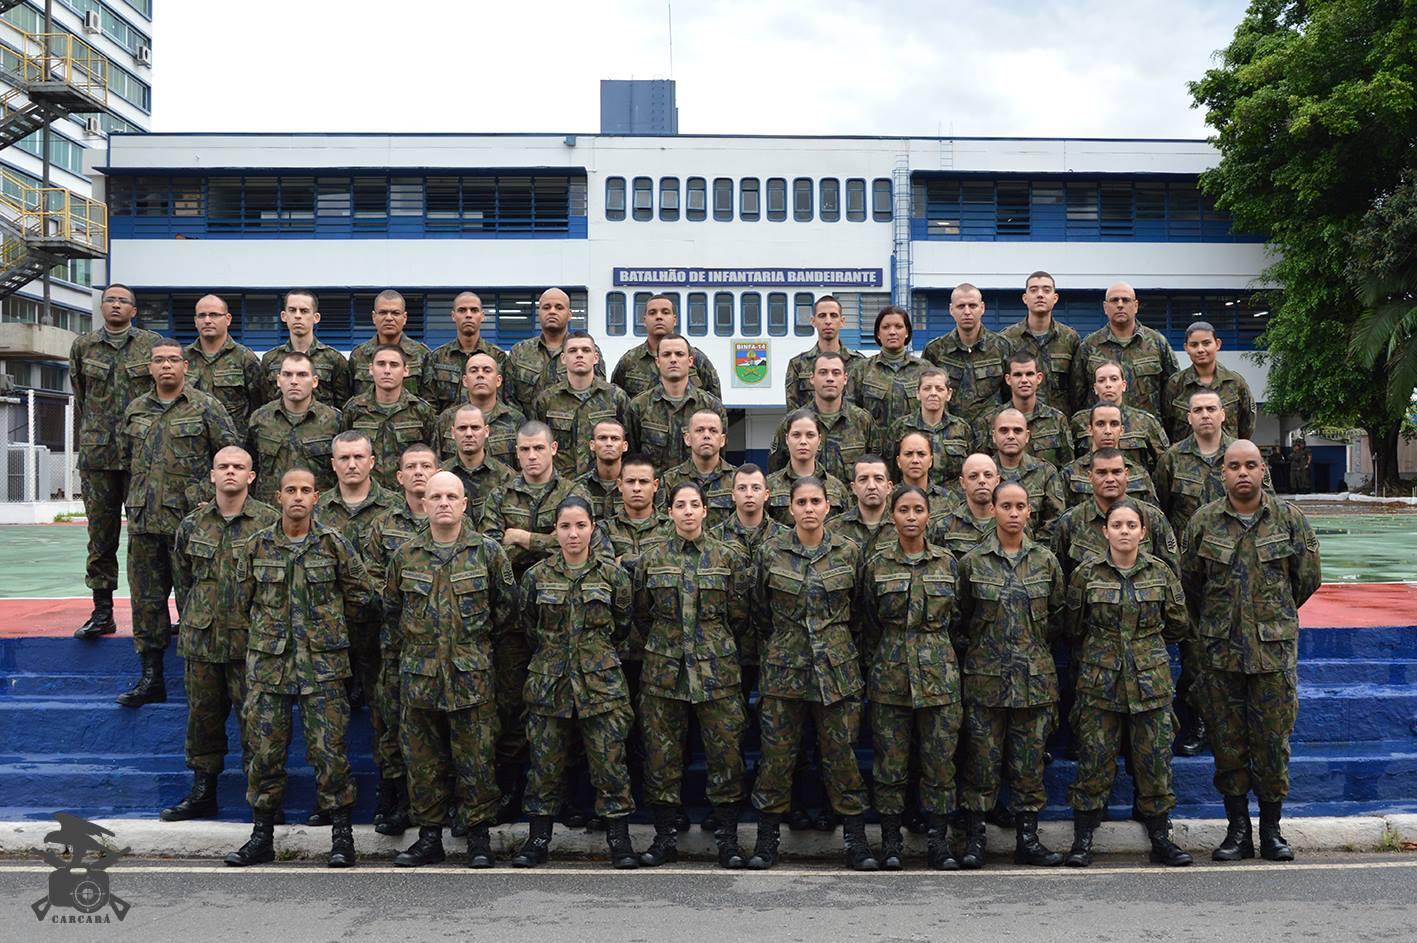 FAB PÉ DE POEIRA: BINFA-14 (BATALHÃO BANDEIRANTE) ministra instrução para o Estágio de Adaptação de Praças do Quadro de Sargentos convocados.